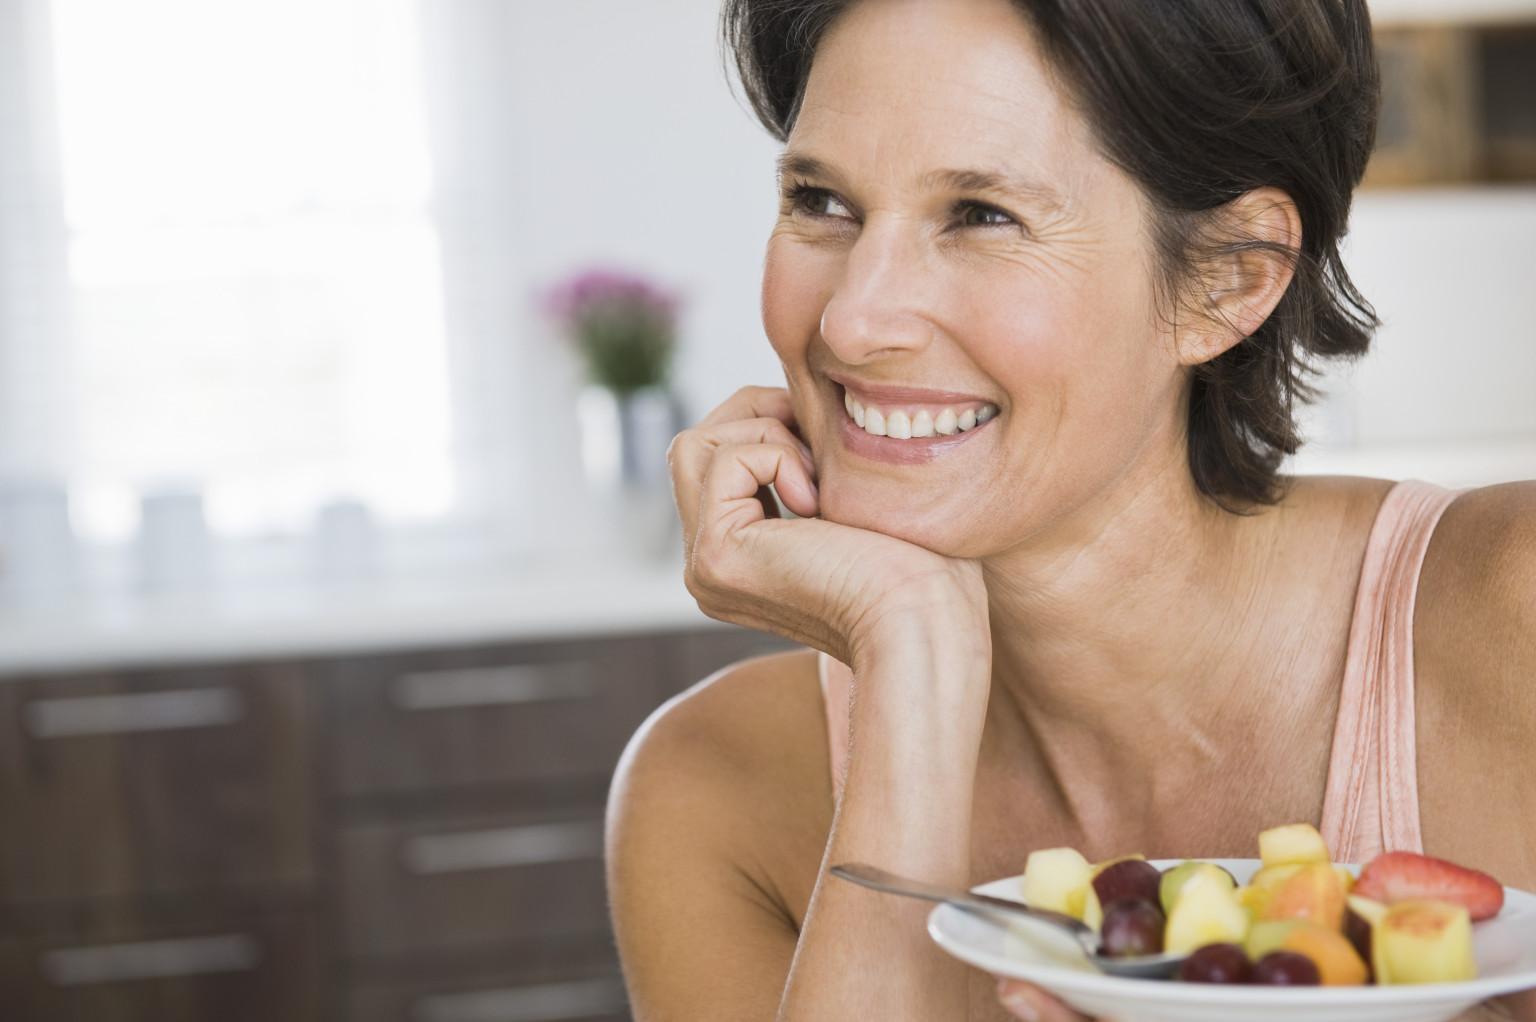 Lograr esto, dietas 100 efectivas para bajar de peso rapido necesitars